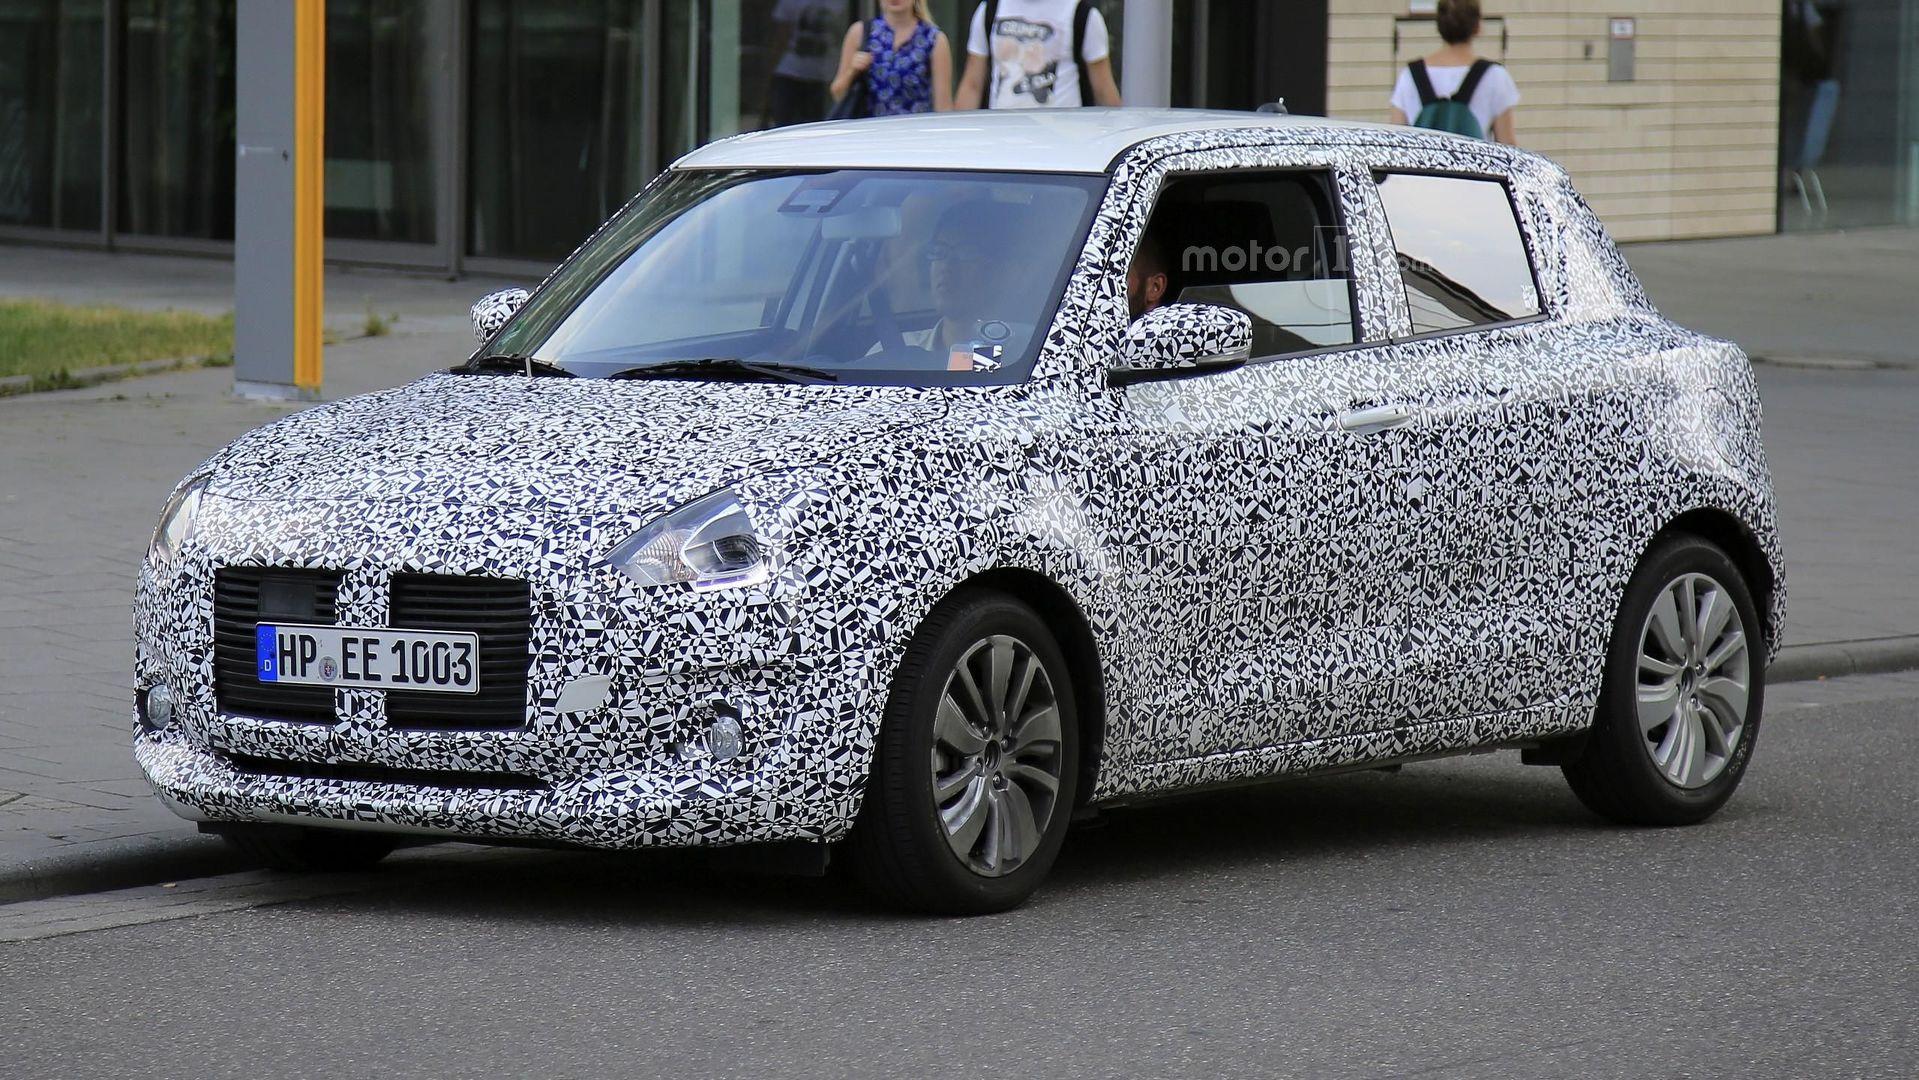 2017 Suzuki Swift looks cute despite being camouflaged